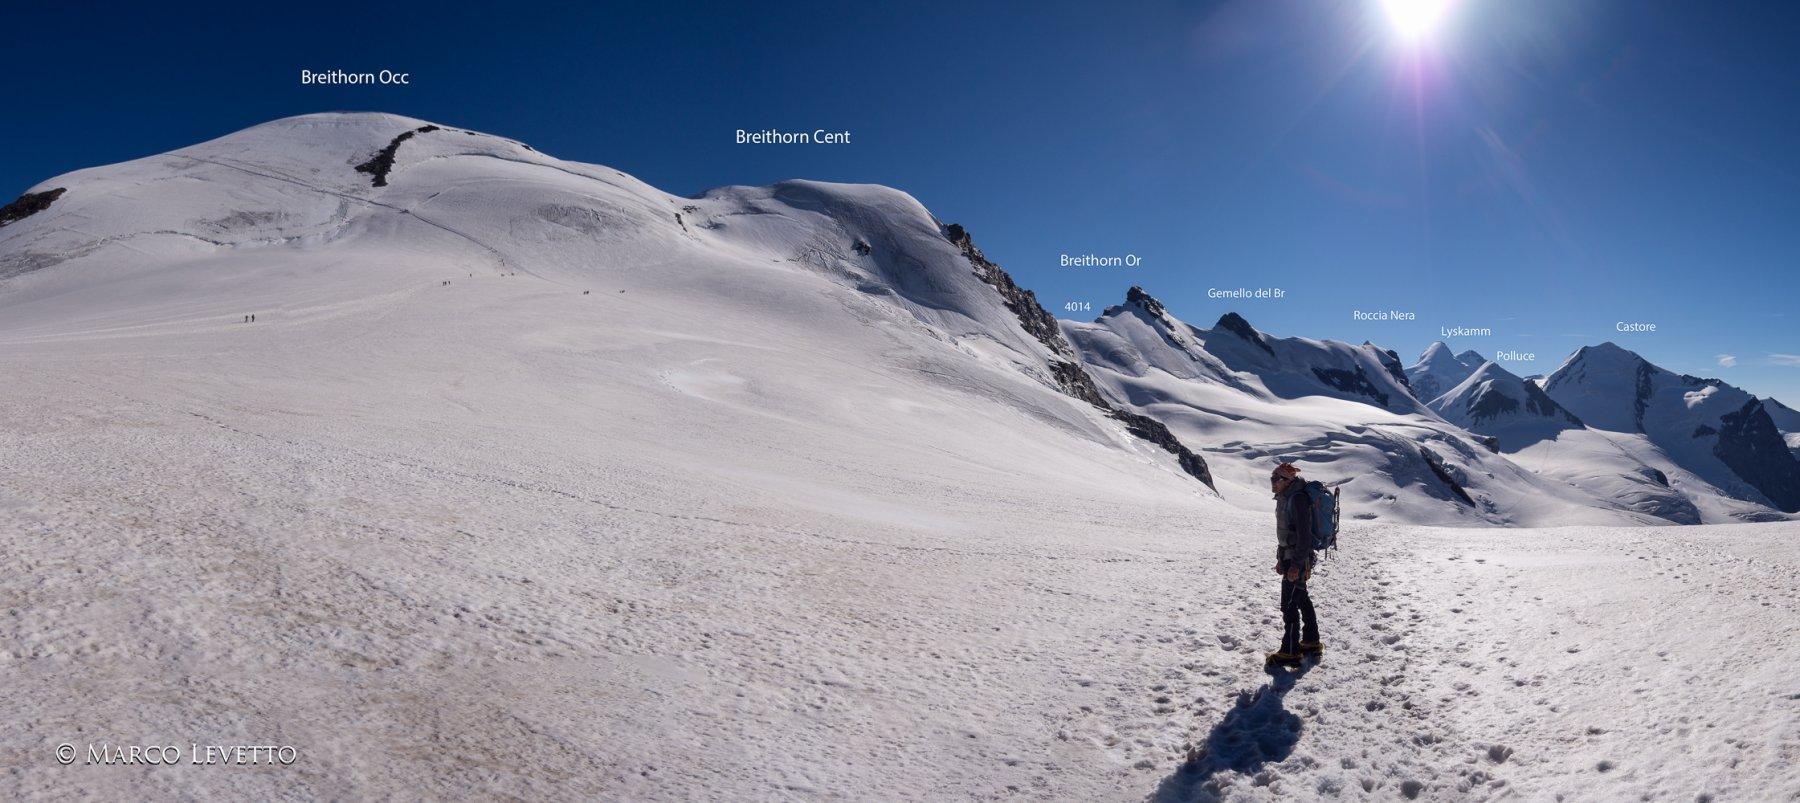 Panoramica della cresta integrale dei Breithorn